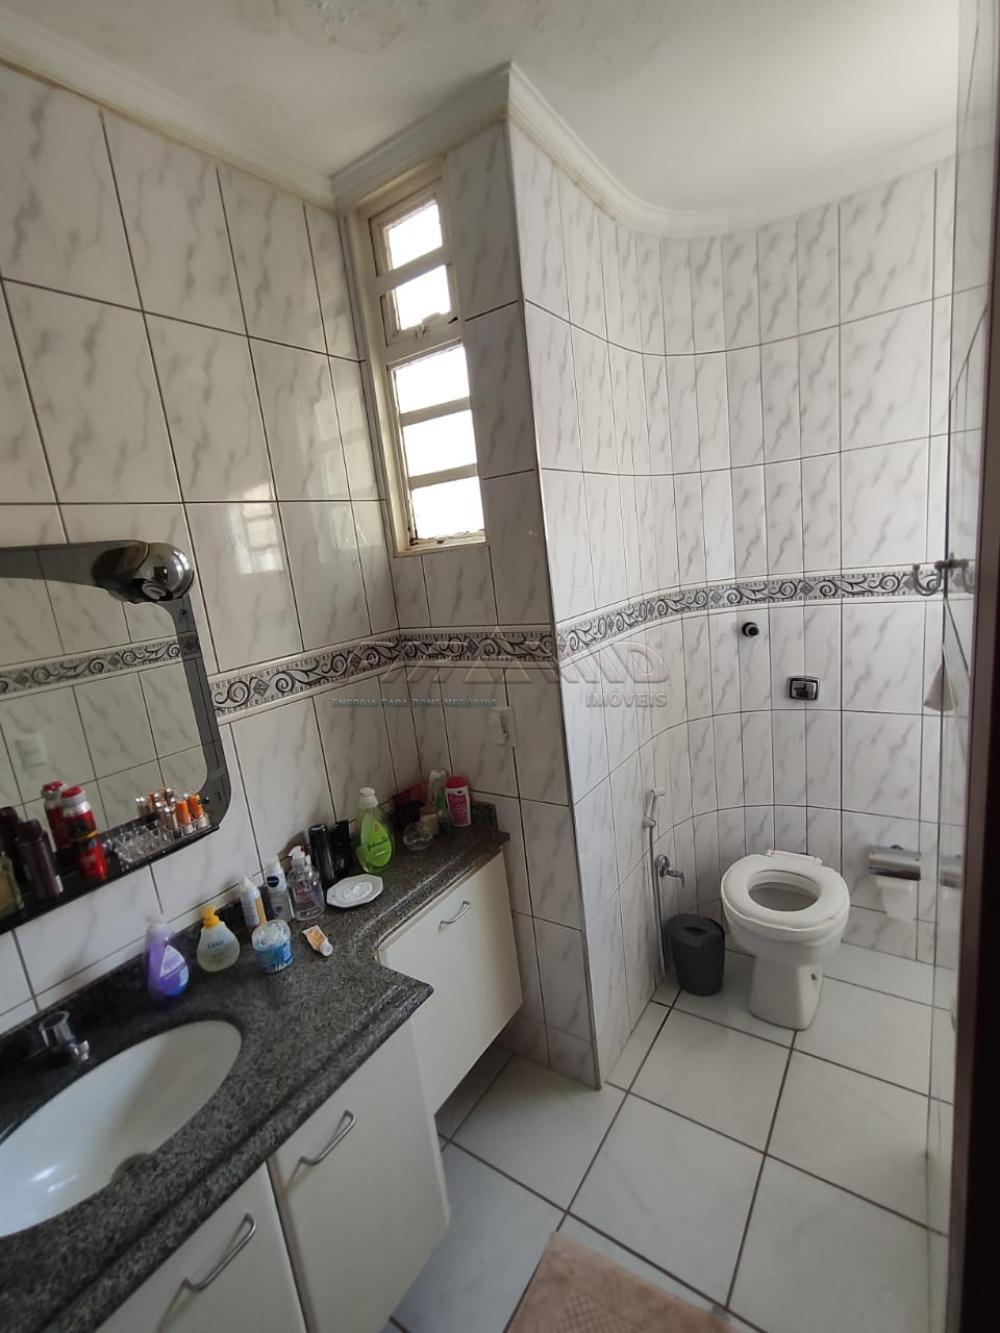 Comprar Casa / Padrão em Ribeirão Preto apenas R$ 380.000,00 - Foto 14